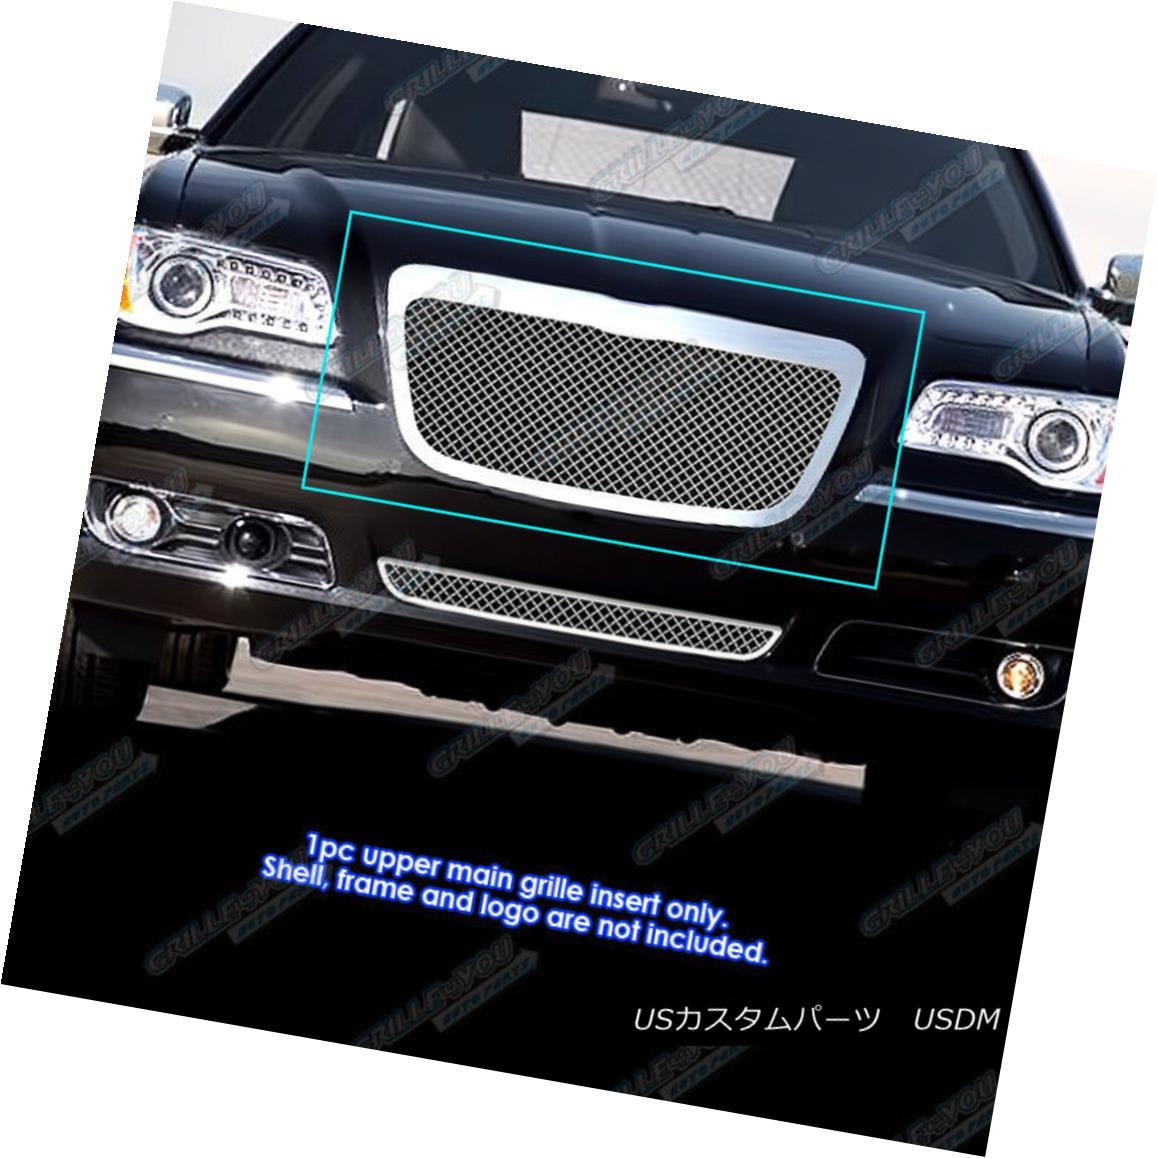 グリル For 2011-2014 Chrysler 300 Insert/300C For Stainless 300/300C Steel Mesh Grille Grill Insert 2011-2014クライスラー300/ 300Cステンレスメッシュグリルグリルインサート用, 札幌ワインショップ:5d1ffa3f --- knbufm.com